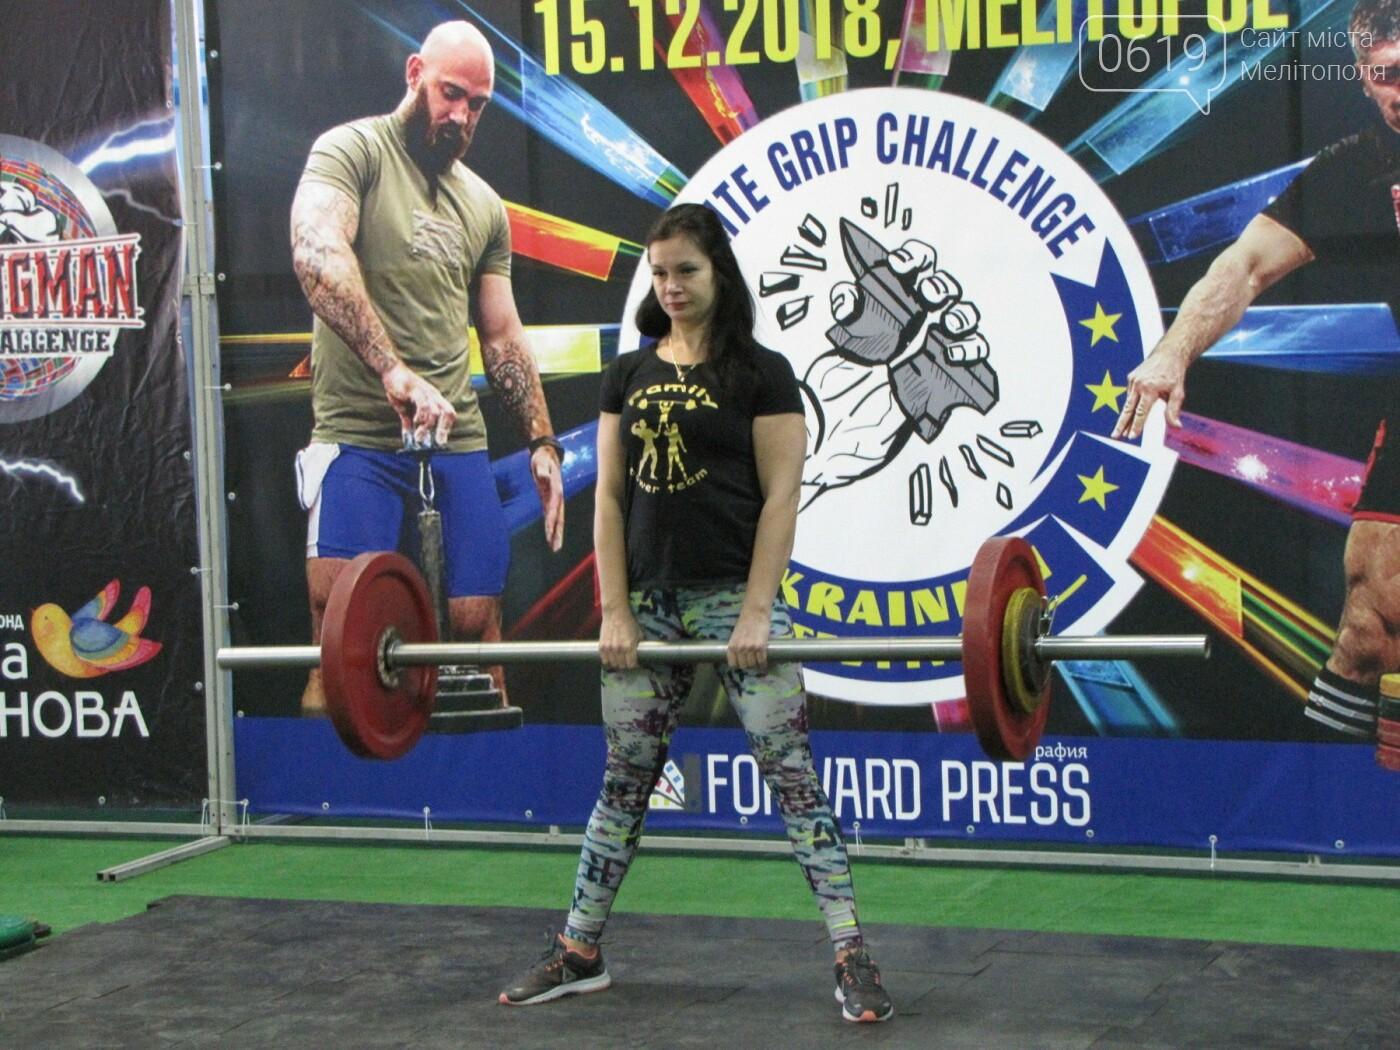 В Мелитополе сильнейшие атлеты соревновались в силе хвата, фото-2